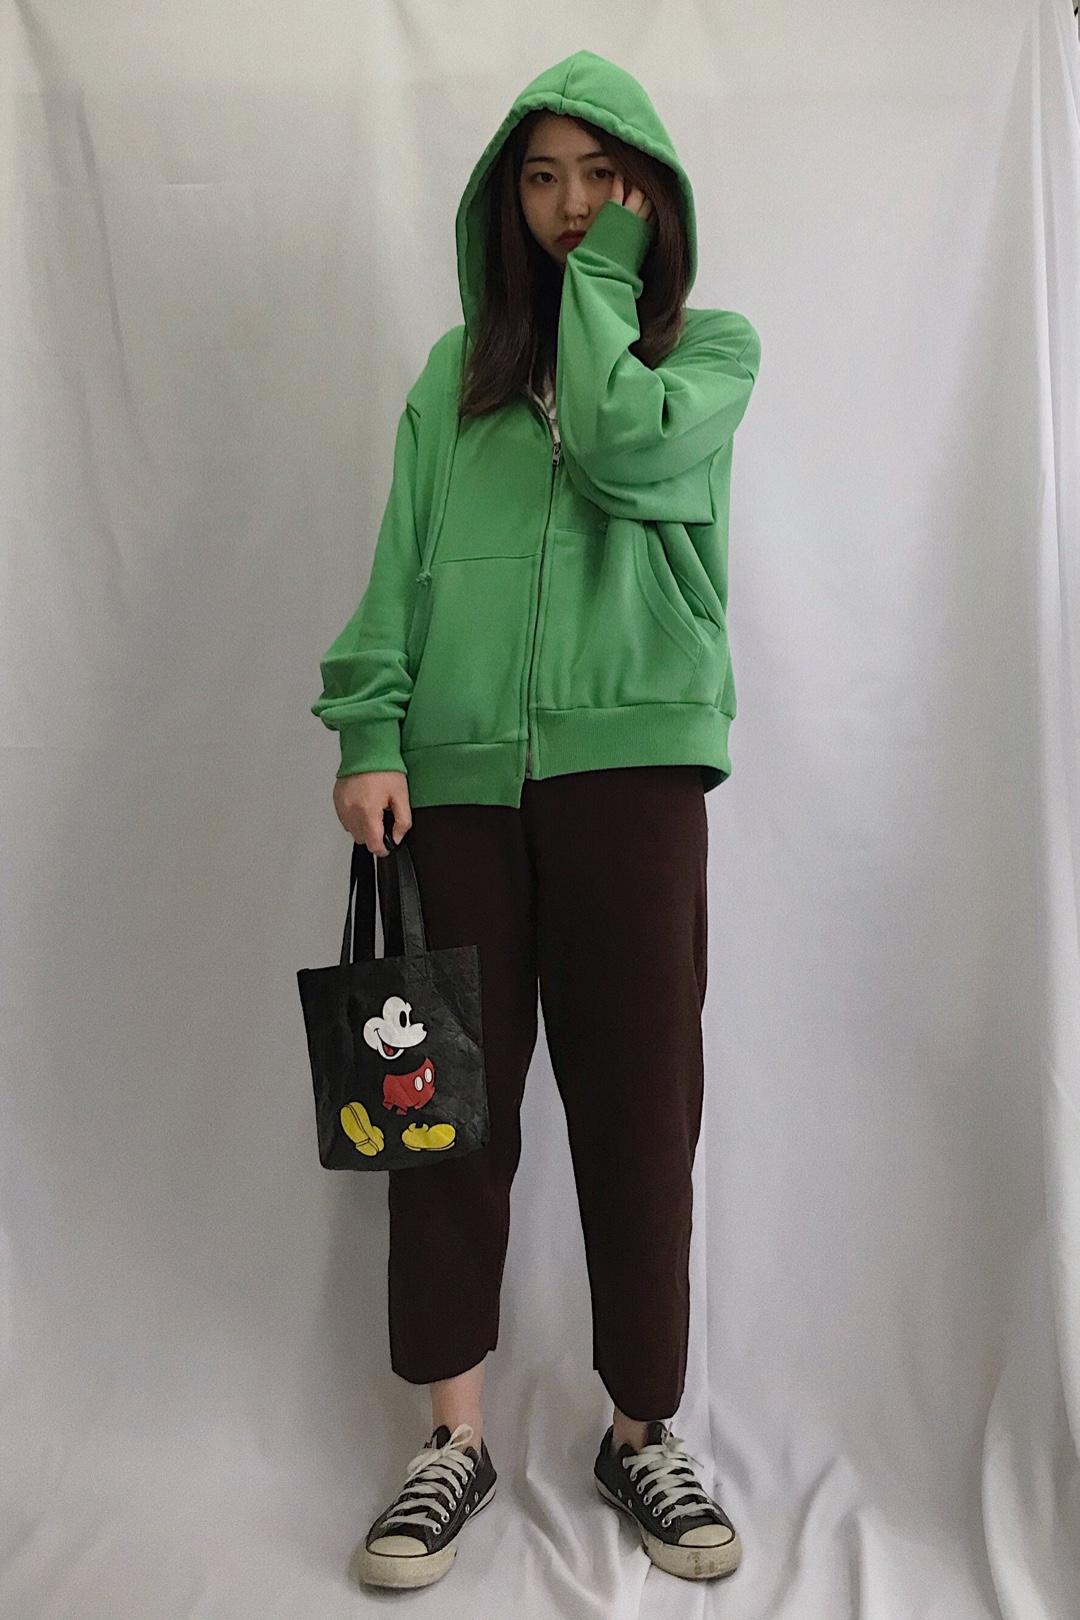 这个绿色好🉑整个一套俏皮得很 穿搭的初衷不就是简单 舒服 好穿吗  #100件外套合集#